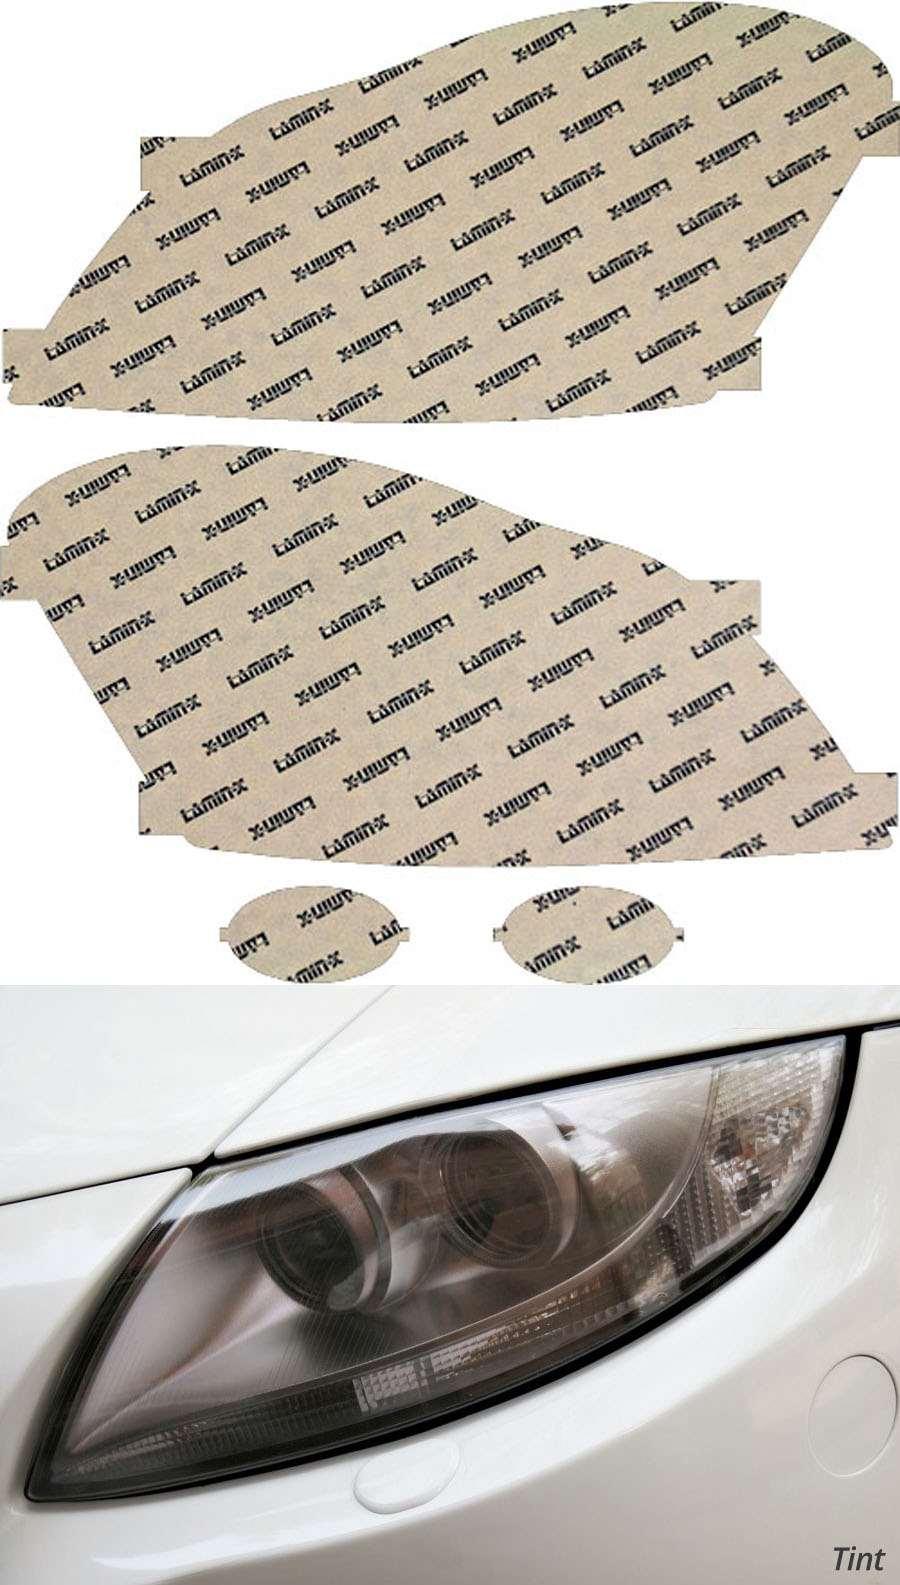 Mercedes GL-Class 07-09 Tint Headlight Covers Lamin-X MB019T